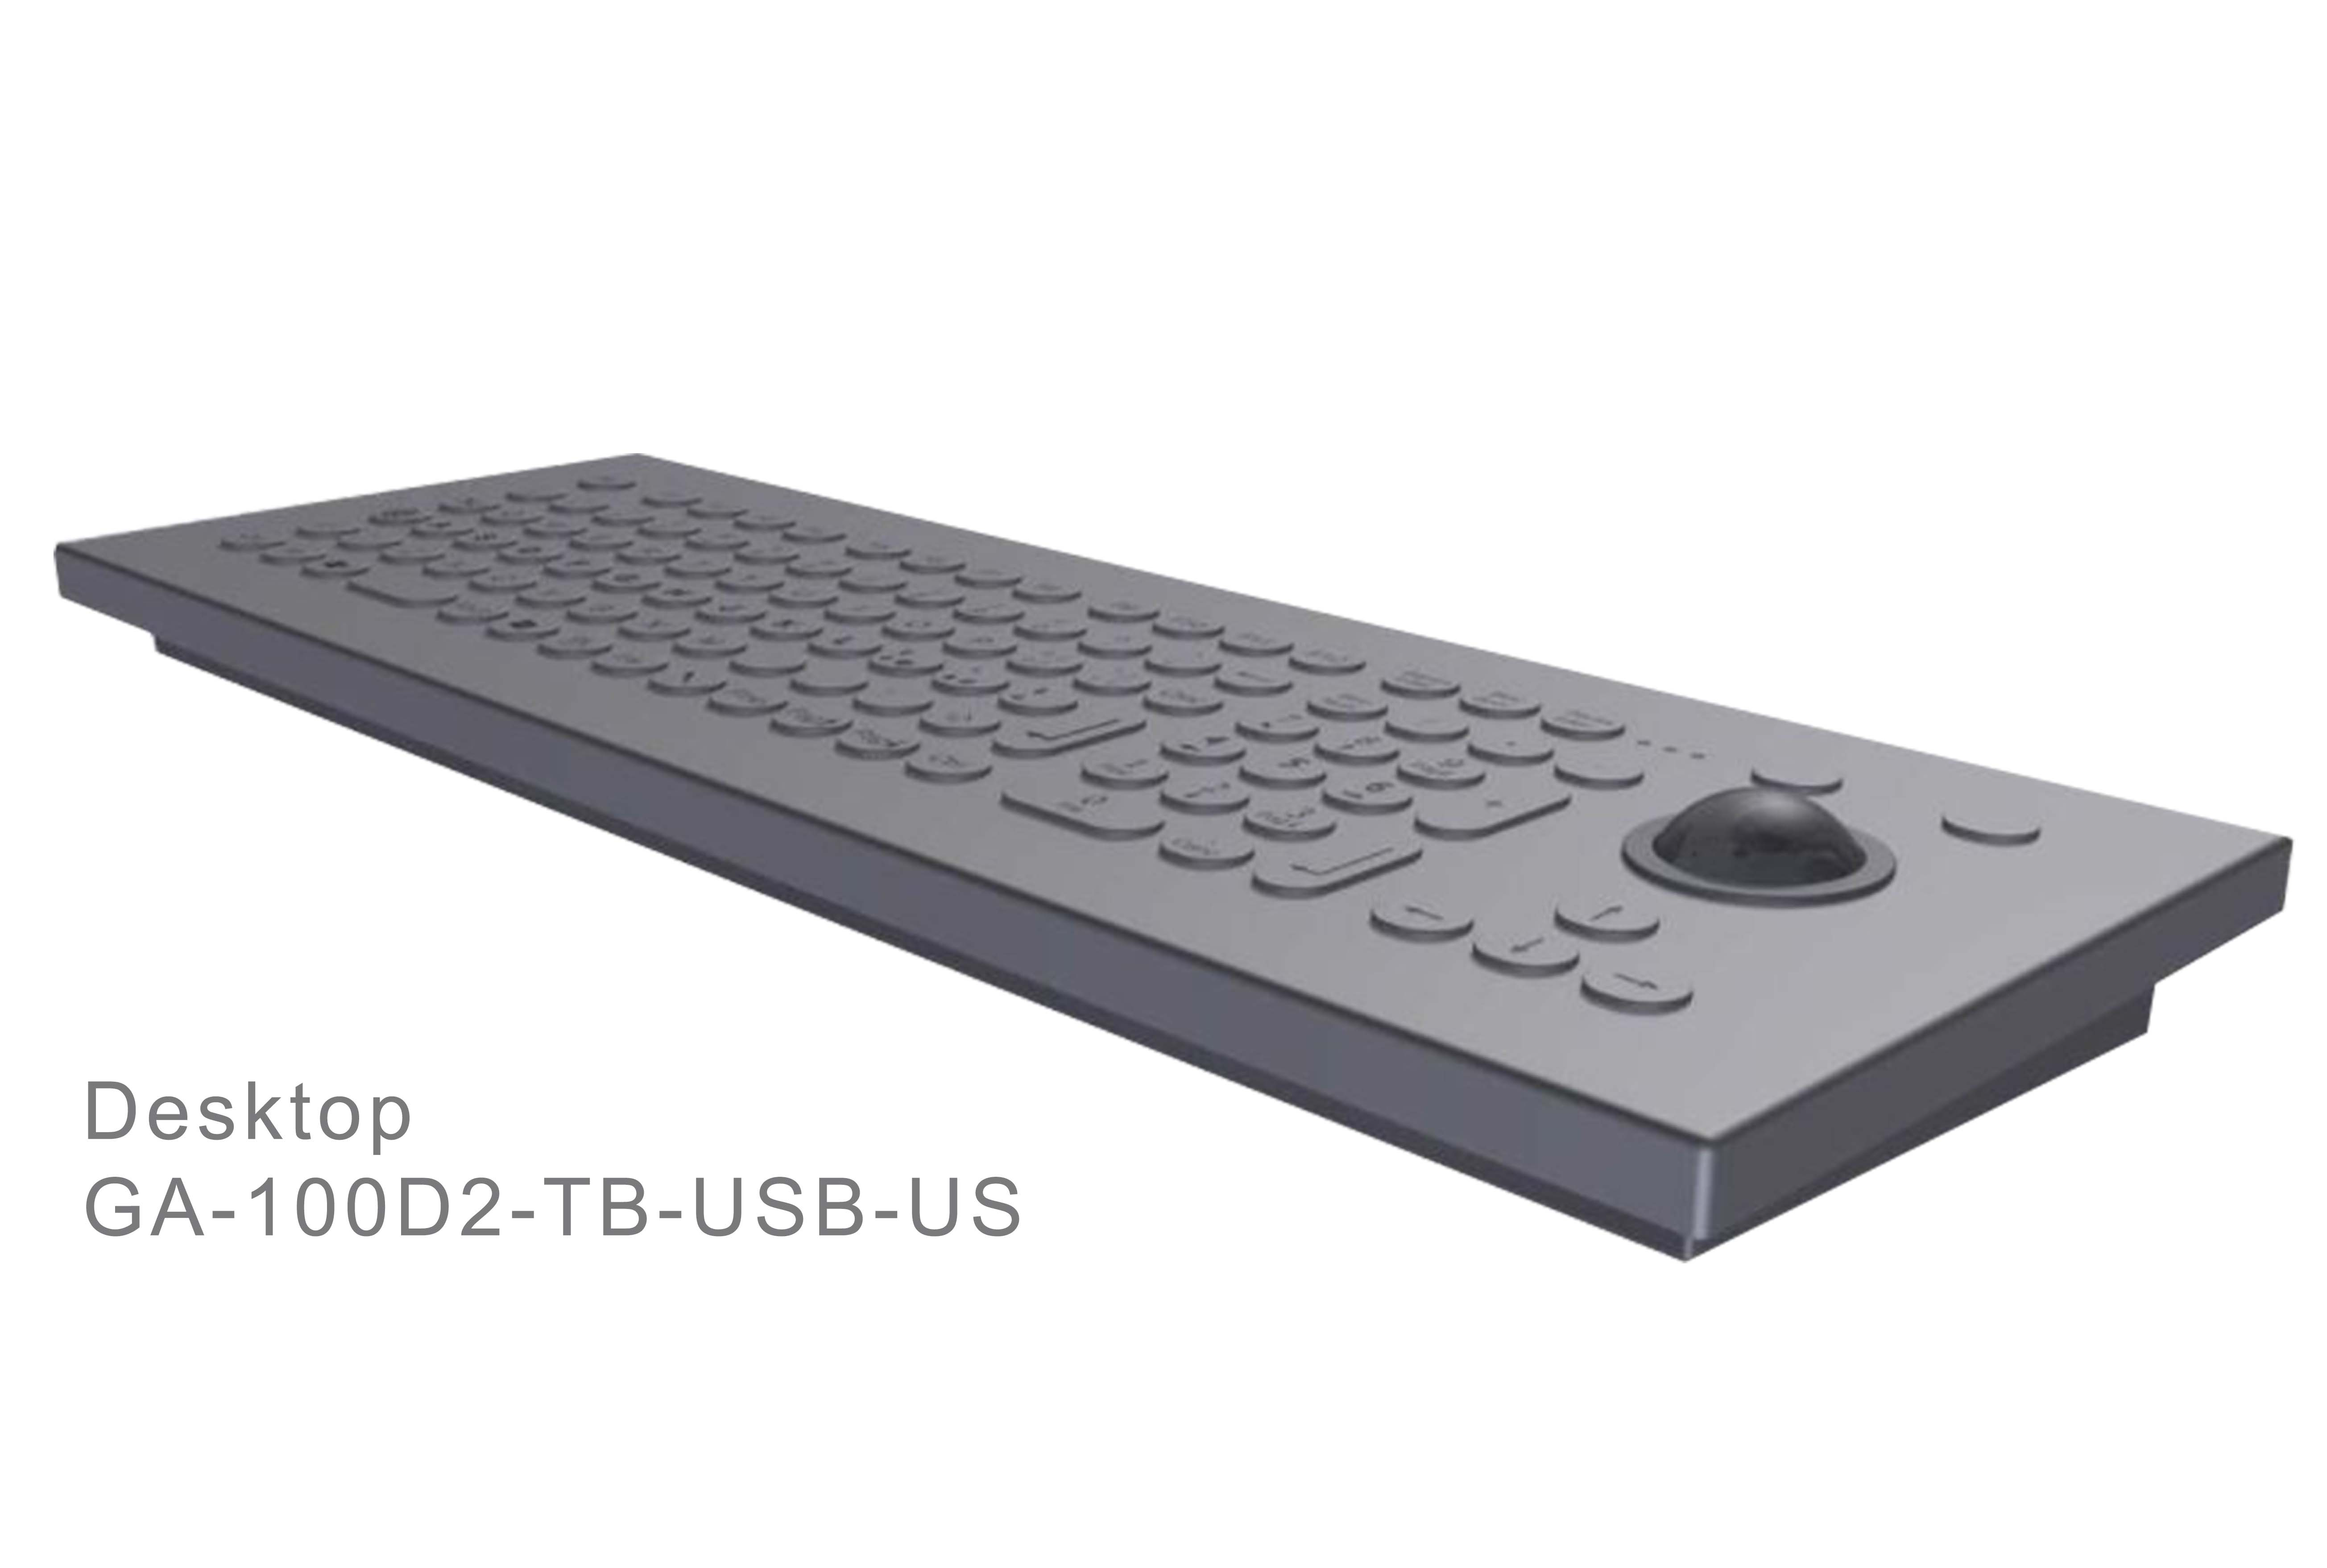 GA-Industrial-Italian Brand-100+Keys Trackball Desktop-L